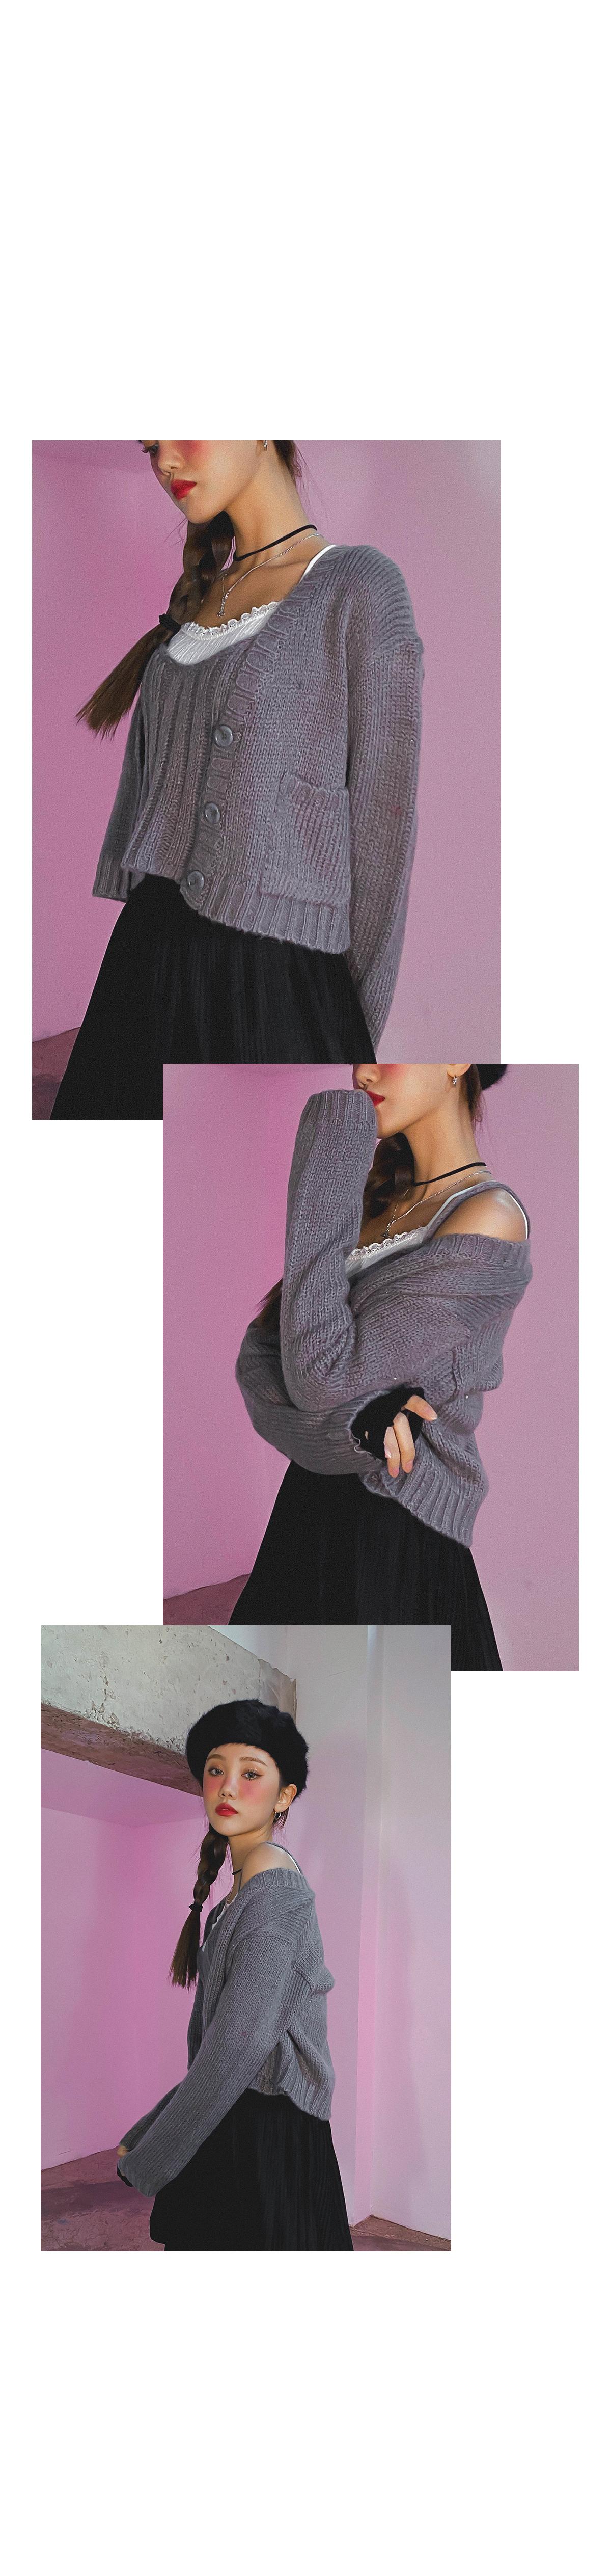 Jelsey Sleeveless & Crop Knitwear Cardigan